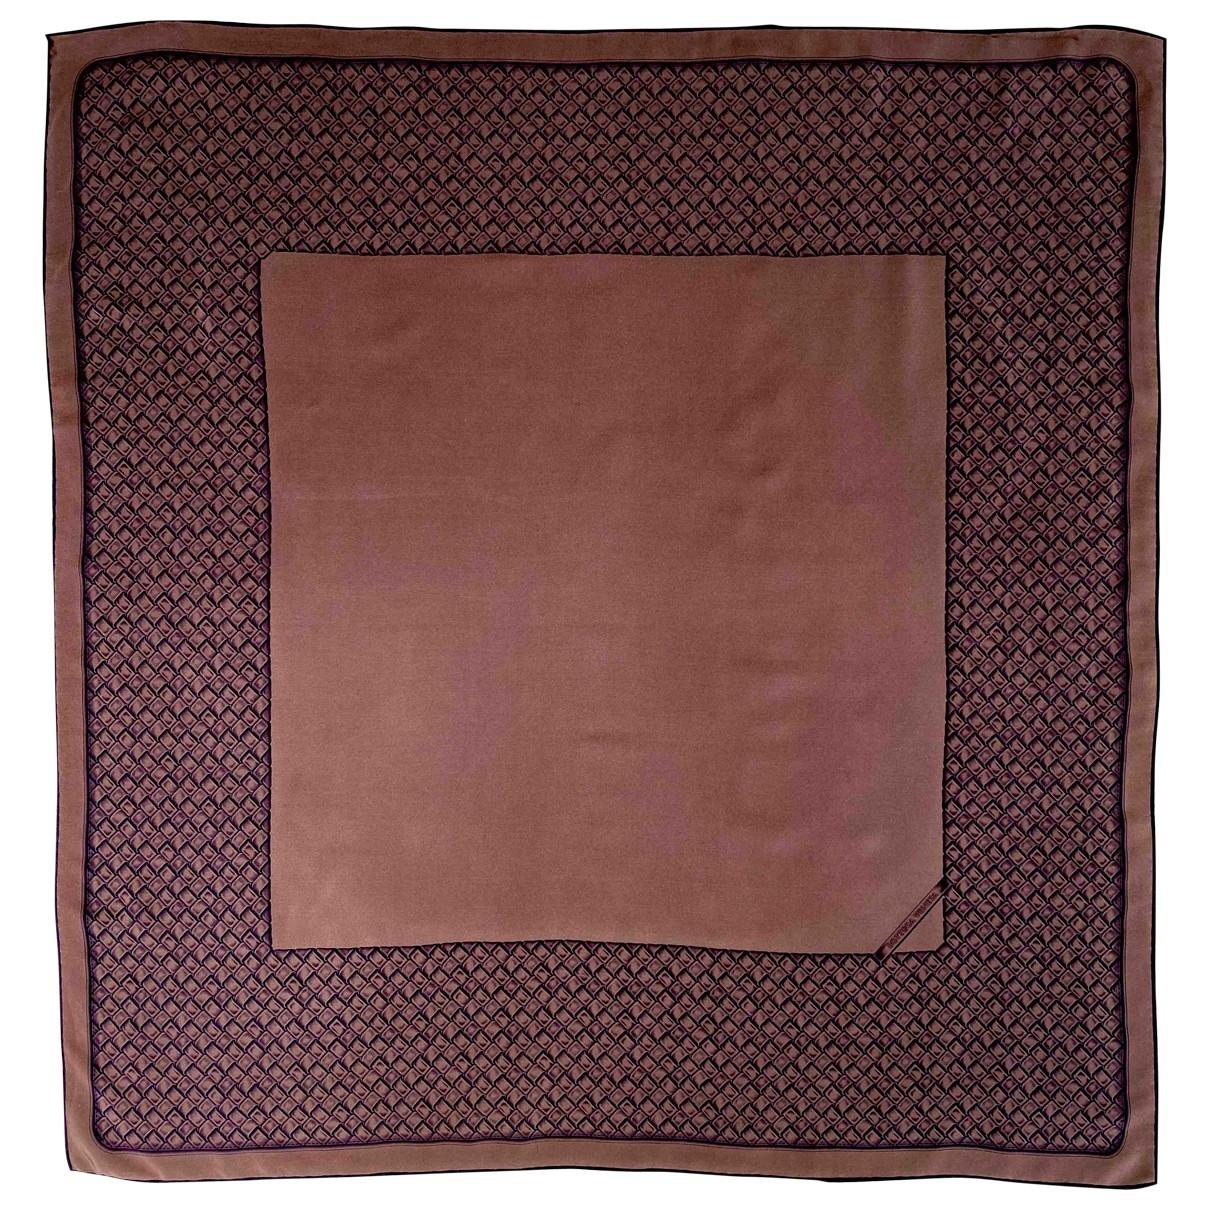 Bottega Veneta - Foulard   pour femme en soie - marron